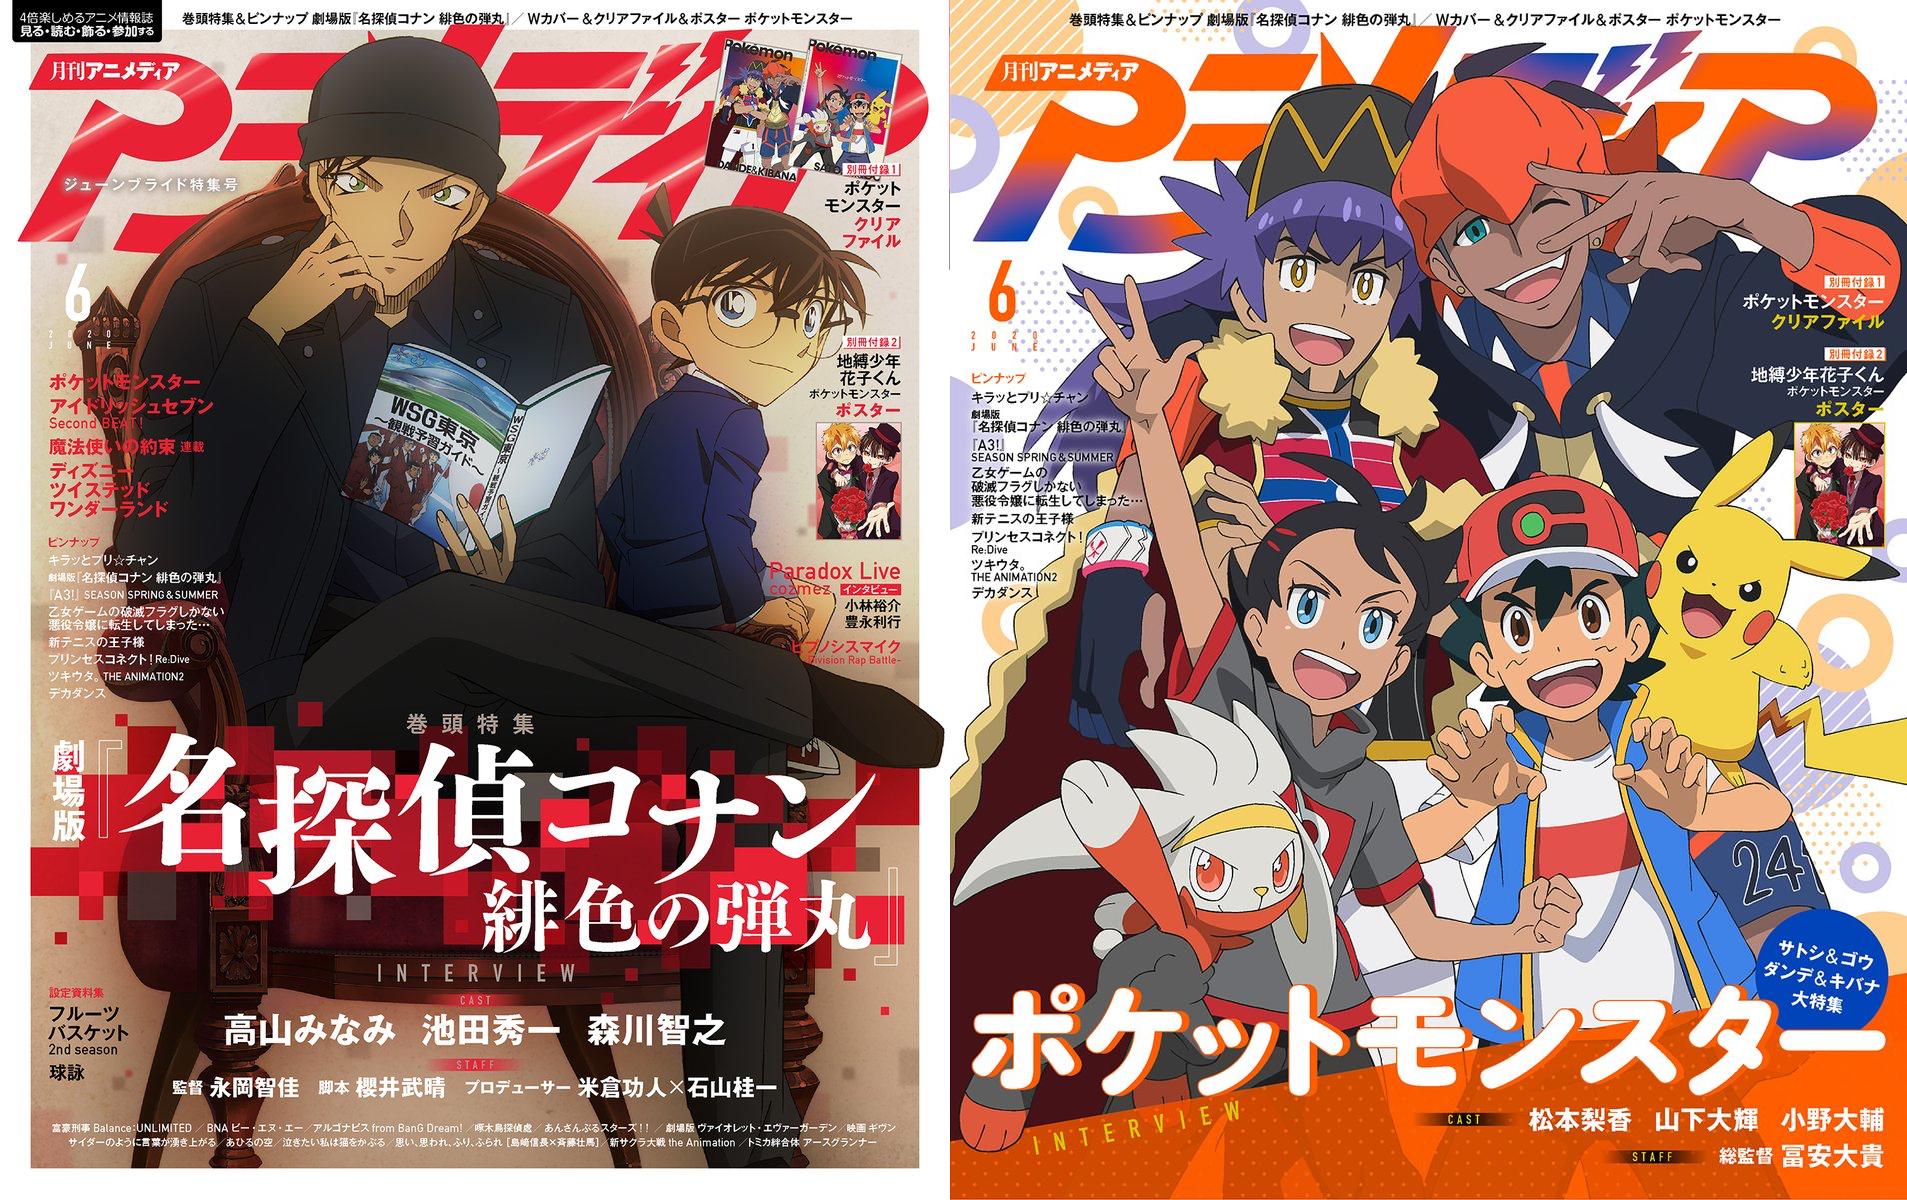 「名探偵コナン緋色の弾丸」が表紙!「アニメディア6月号」発売『ツイステ』『A3!』など